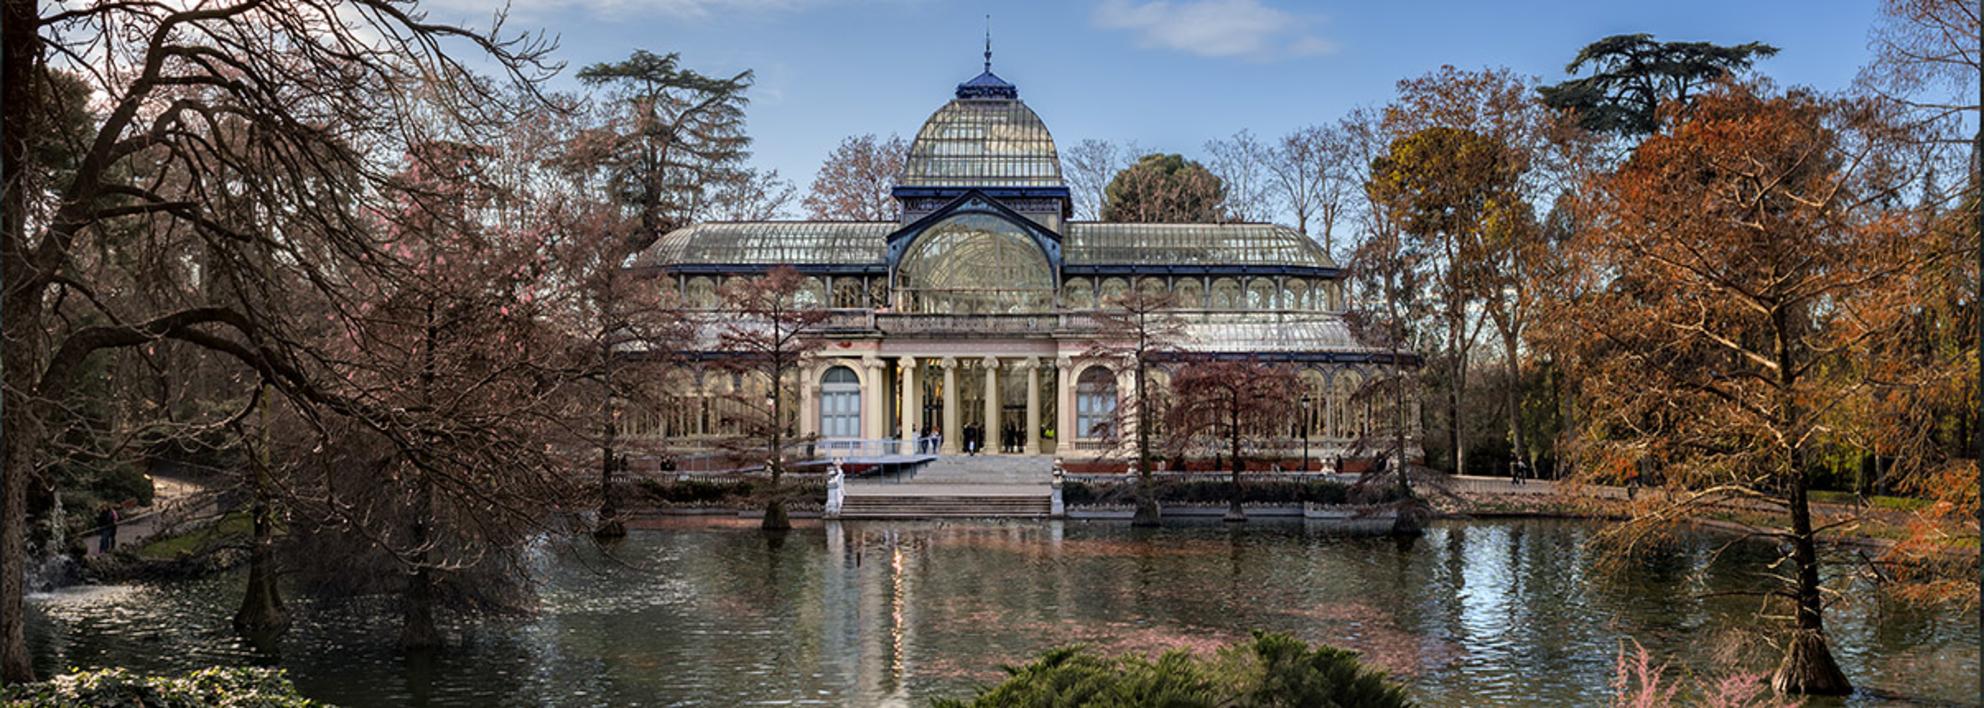 Palacio de Cristal |Fotografía de Leticia Felgueroso | Compra arte en Flecha.es